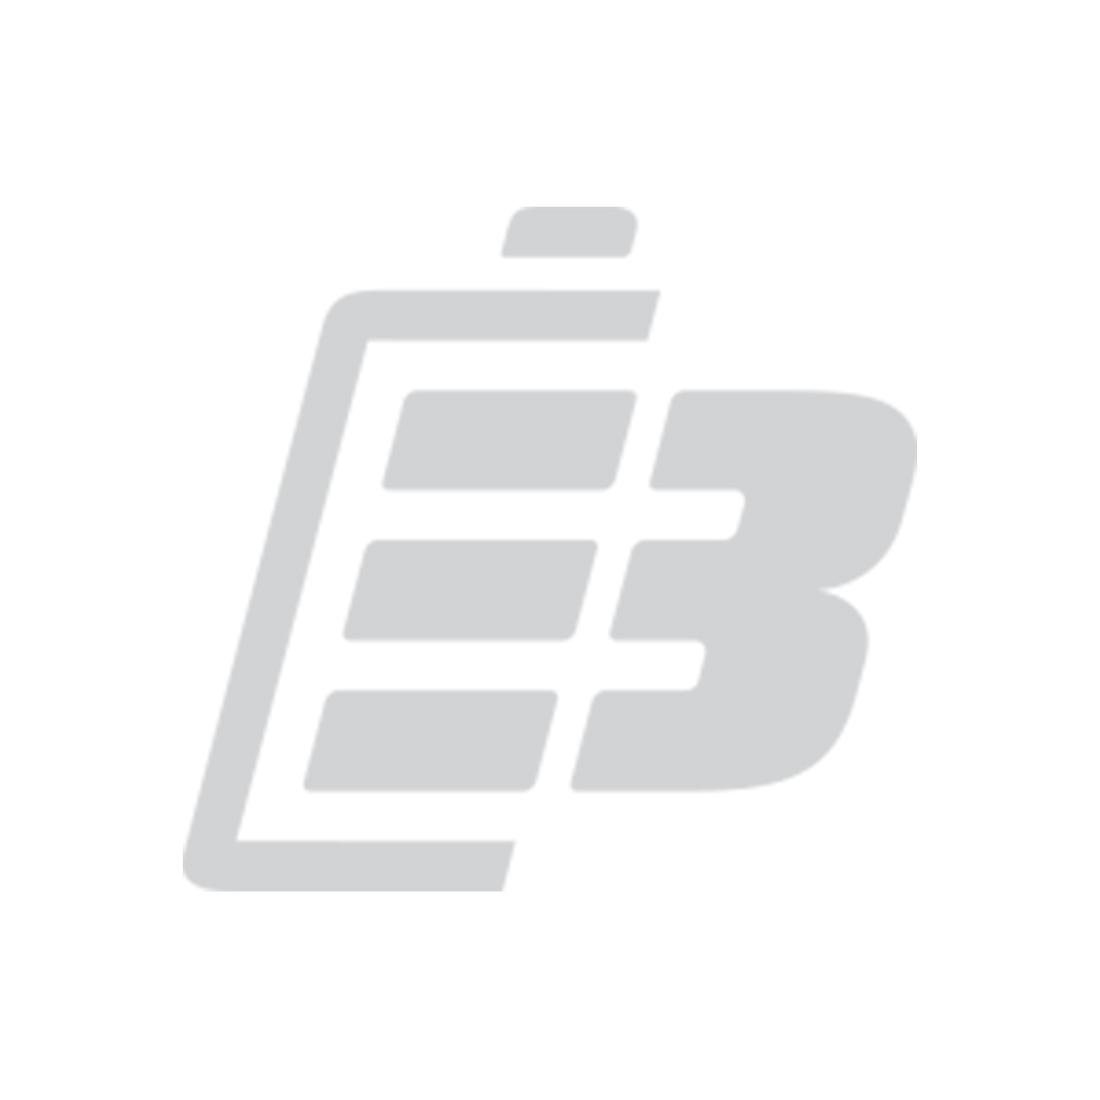 Μπαταρία PDA Palm Treo 600_1